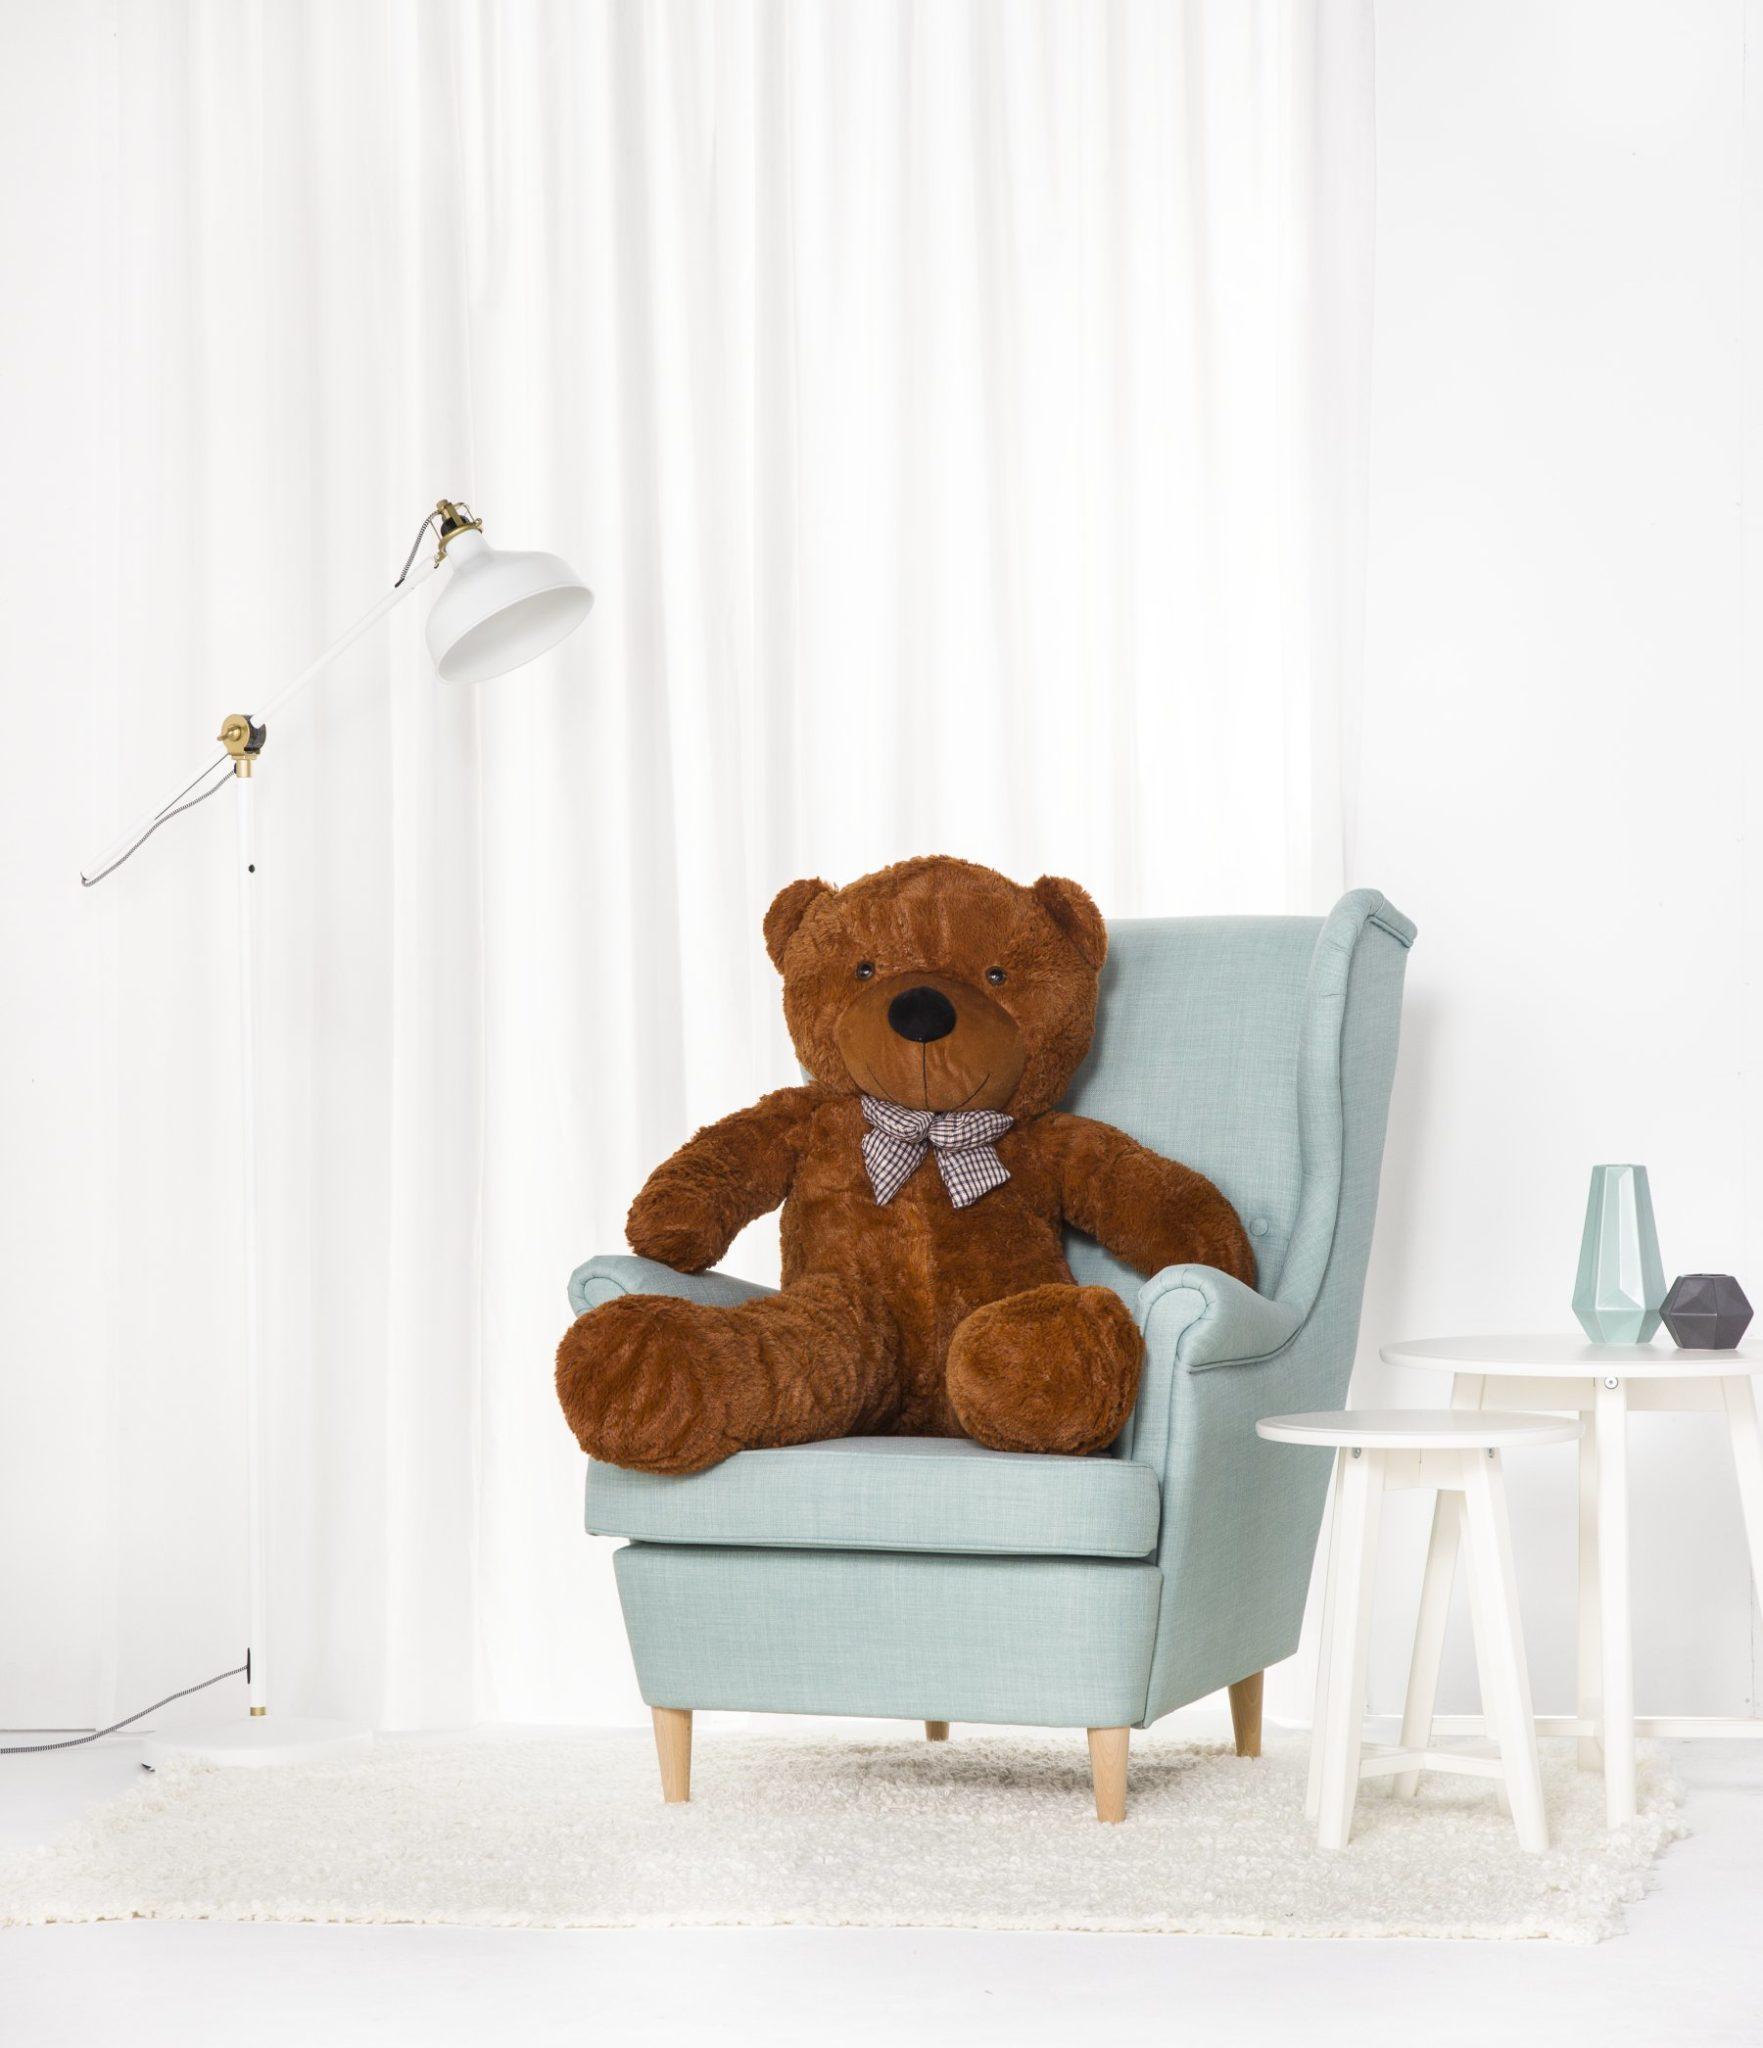 Velký plyšový medvěd Classico XL 130 cm - tmavě hnědý